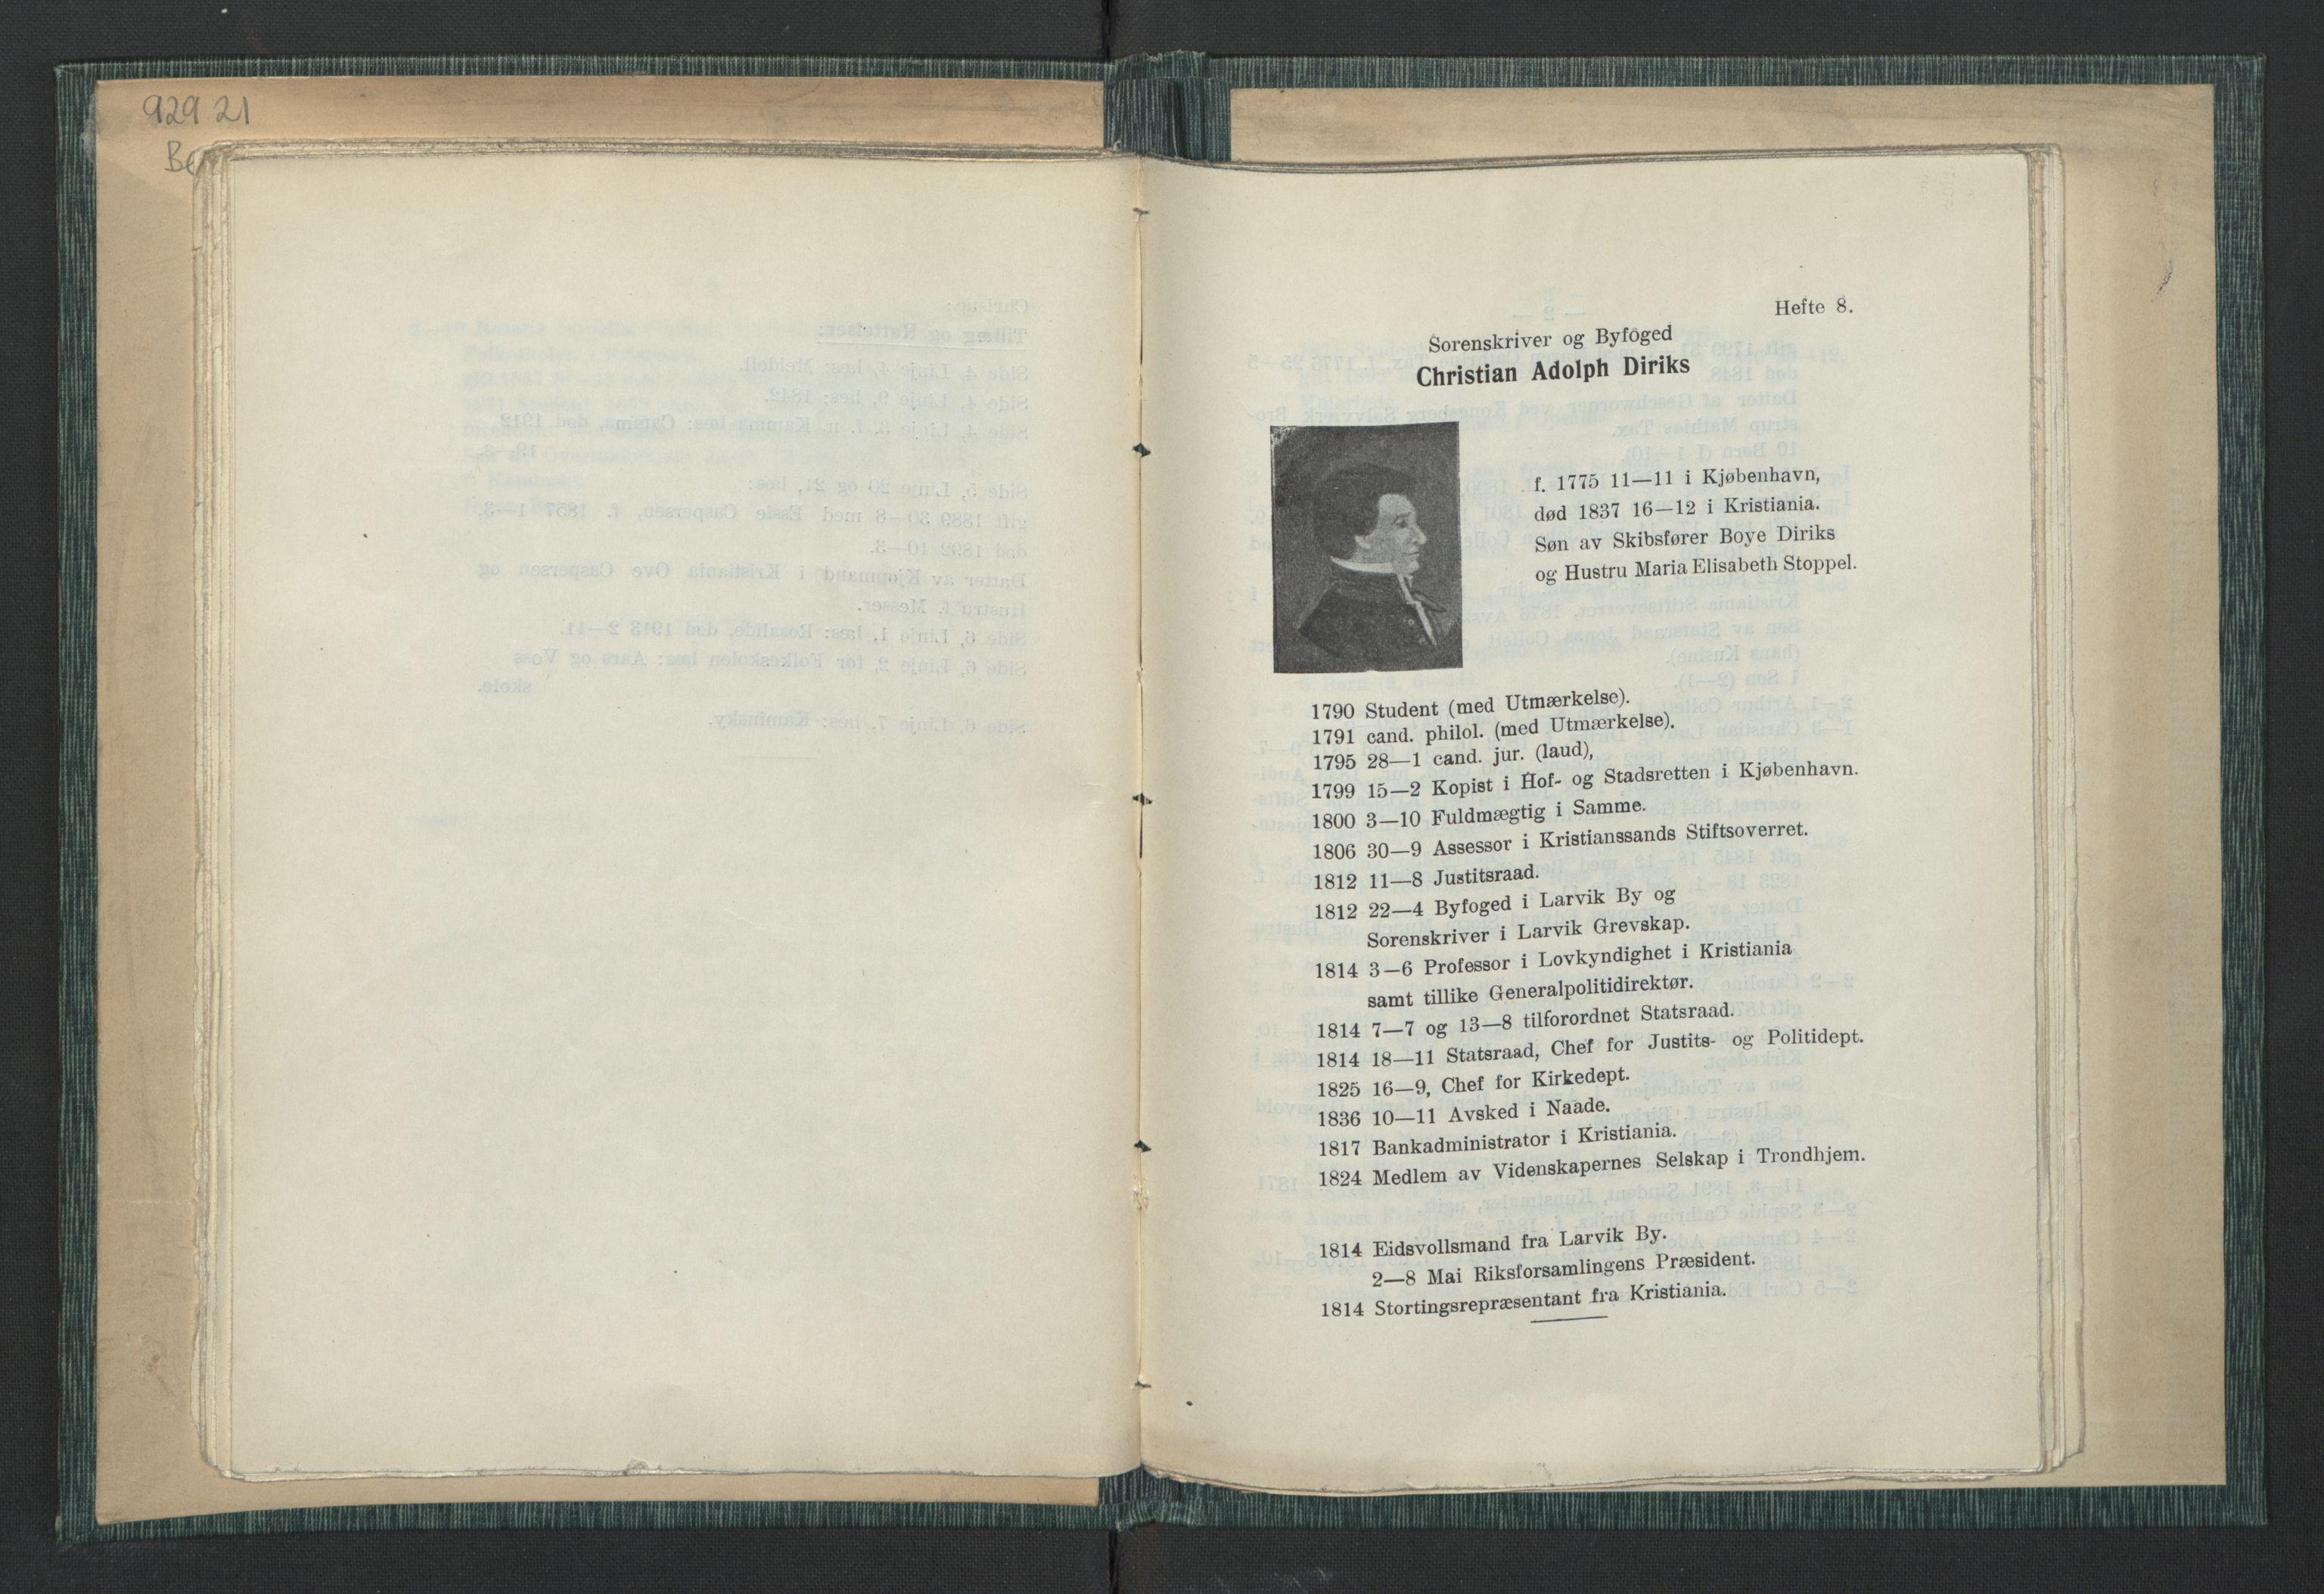 RA, Publikasjoner*, 1914, s. 37